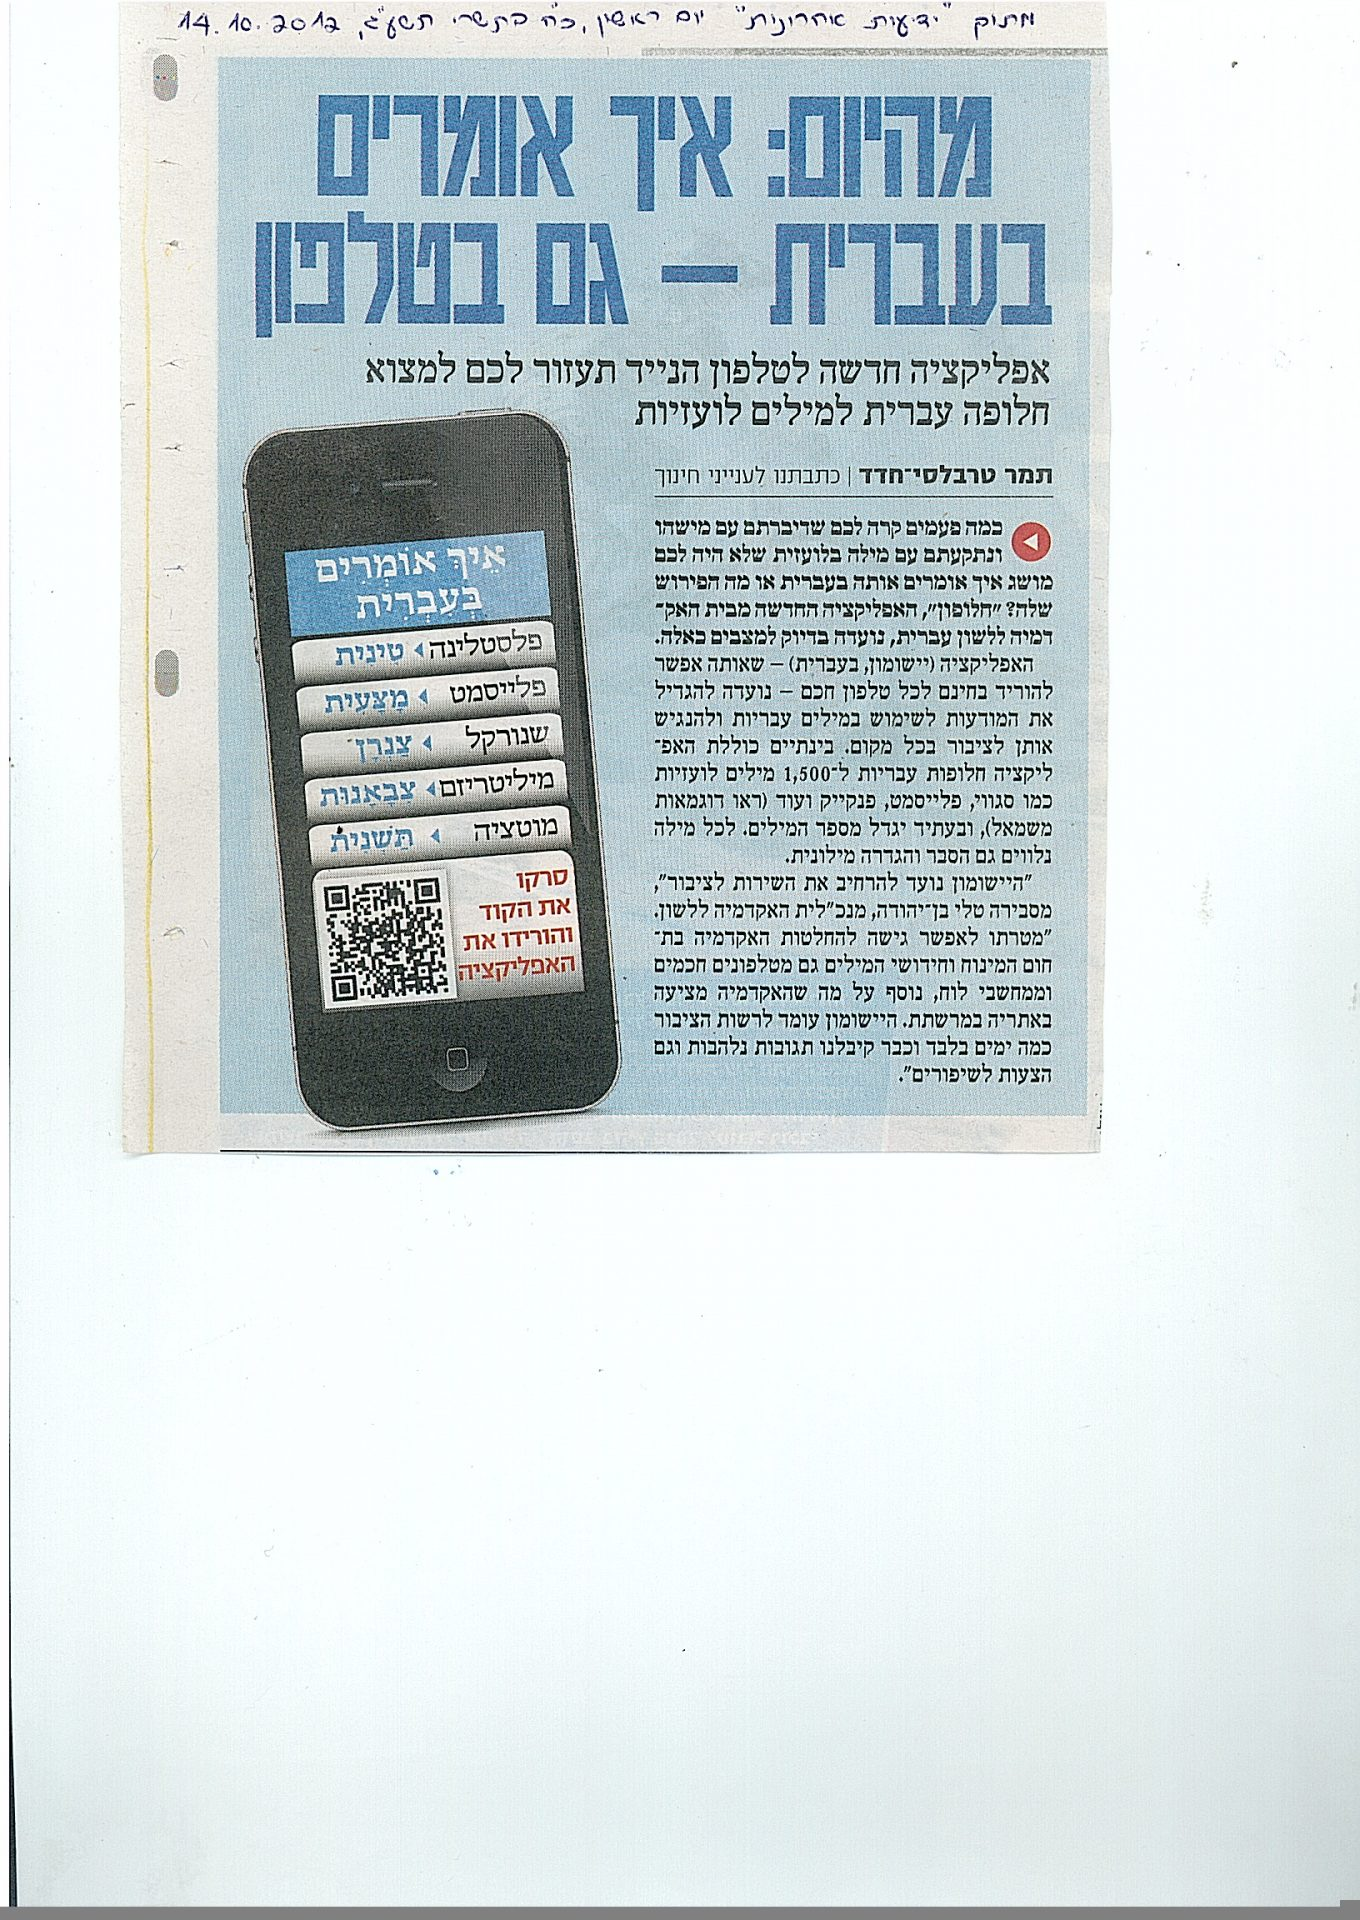 מהיום איך אומרים בעברית גם בטלפון